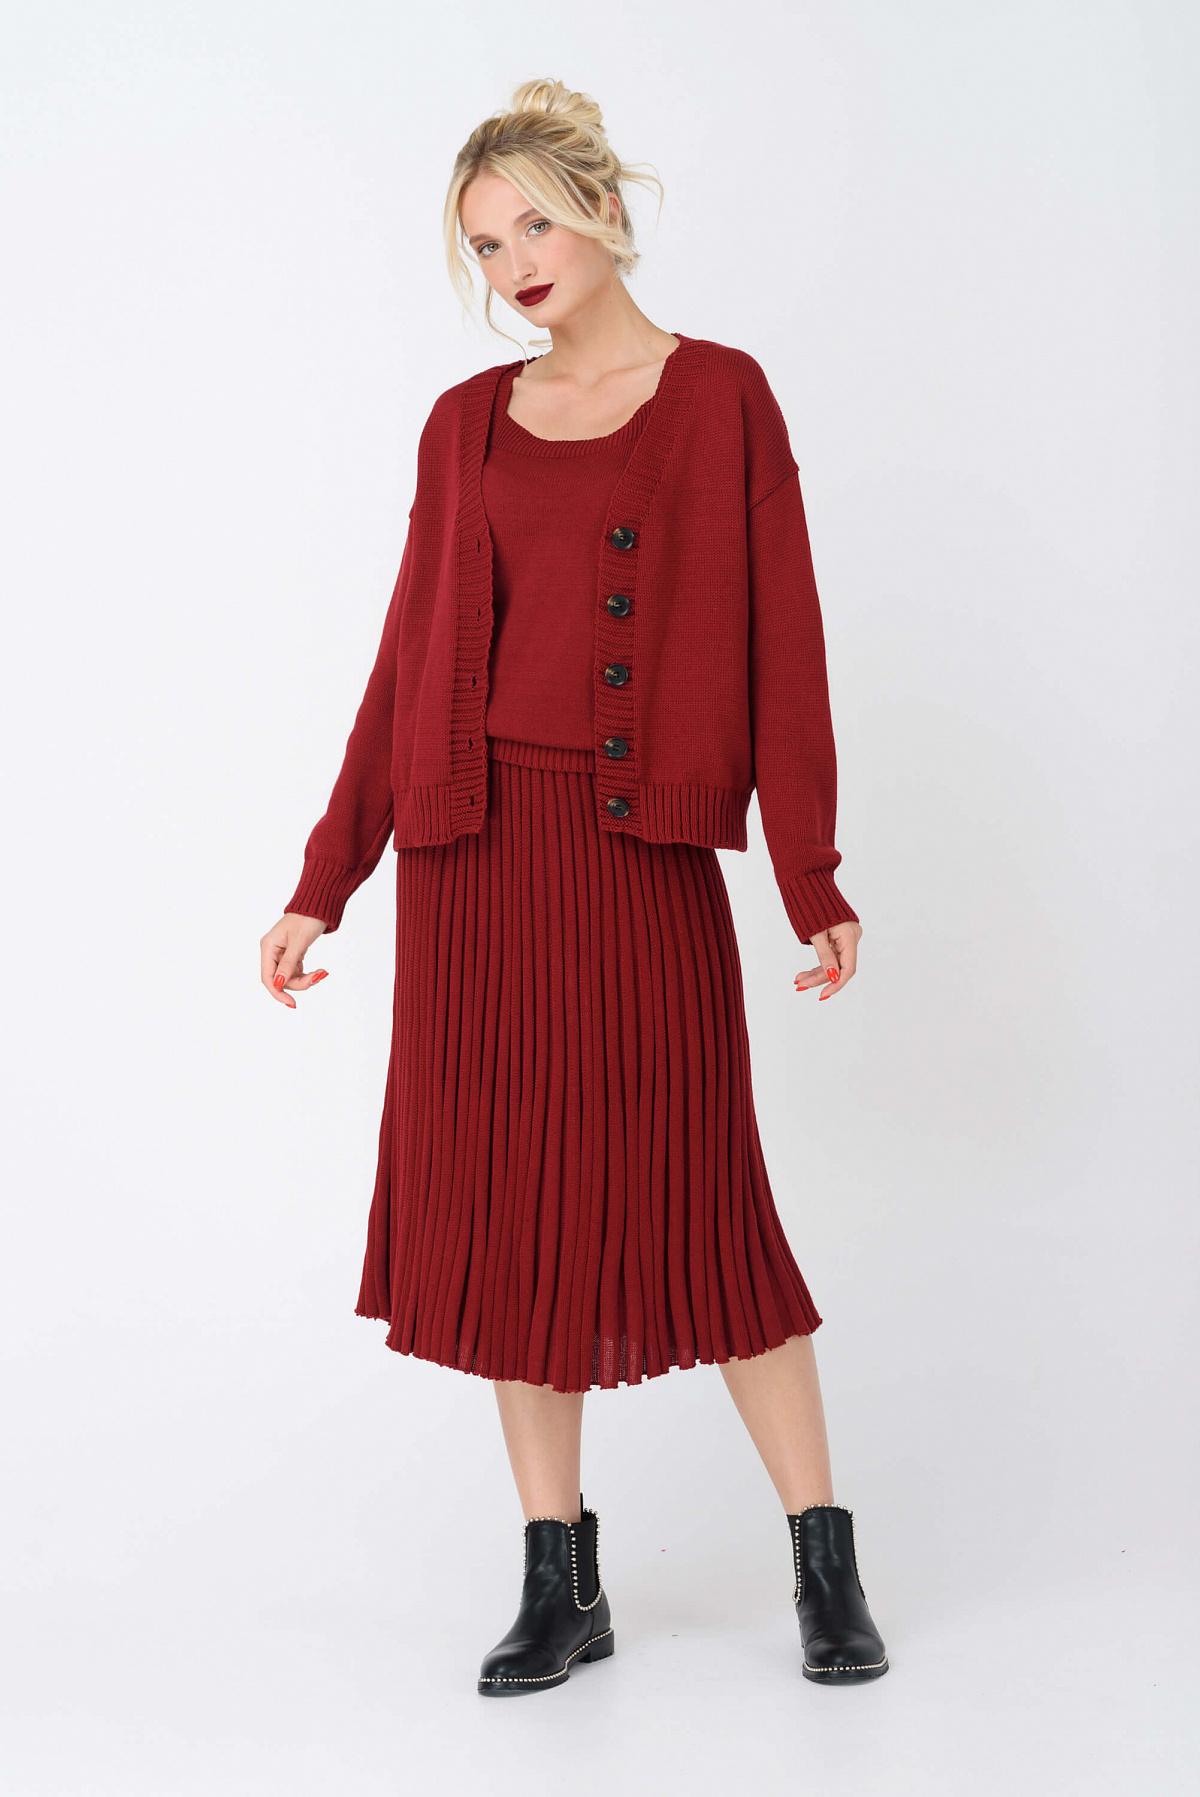 Купить ткань для юбки плиссе в интернет магазине склад китайских тканей